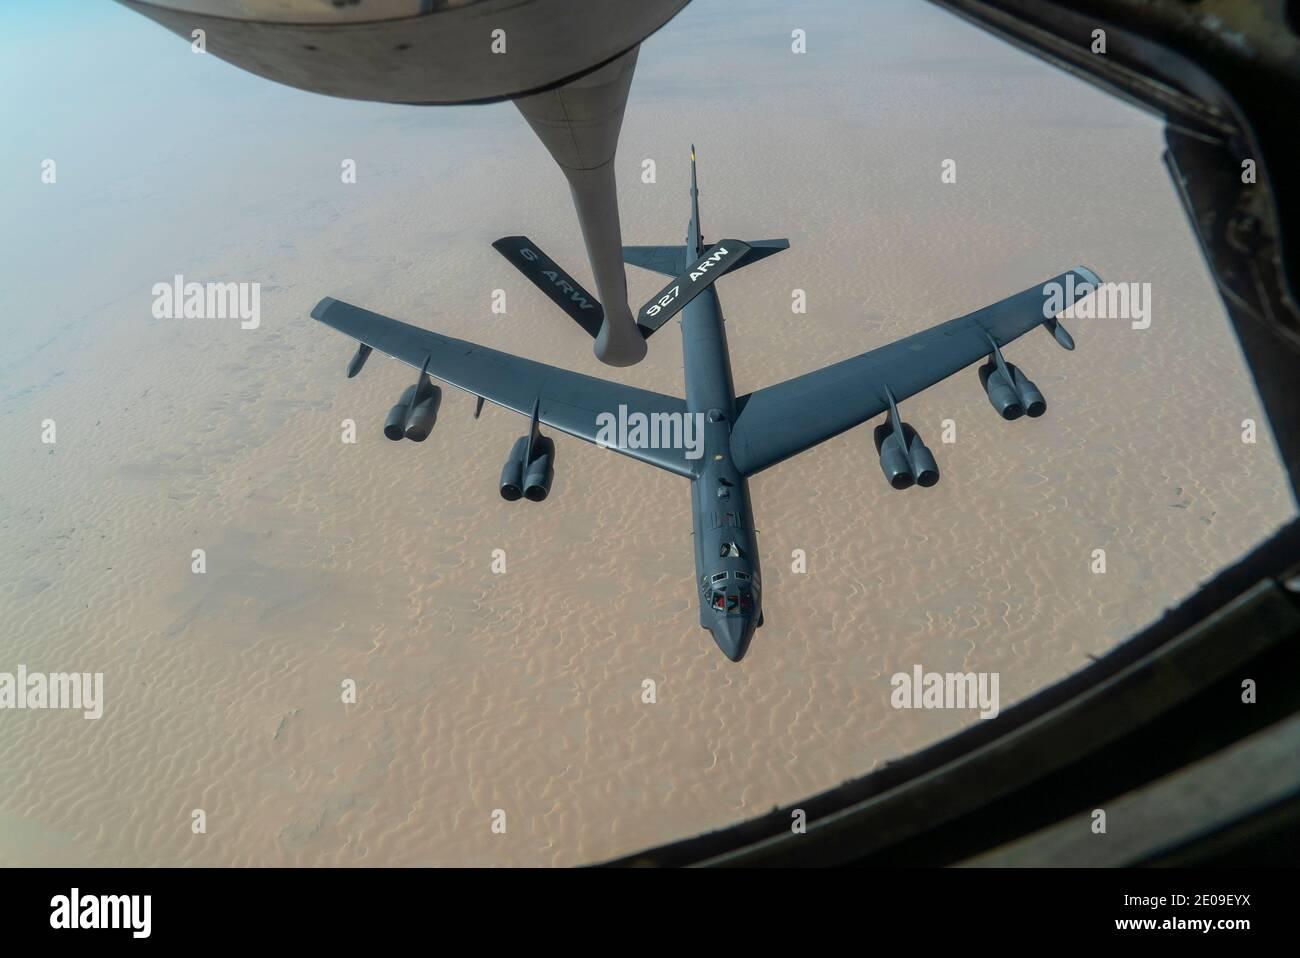 Golfe persique, États-Unis. 30 décembre 2020. Un bombardier stratégique B-52 de la Force aérienne des États-Unis, Stratofortress, de la 5e Escadre Bomb, approche d'un KC-135 Stratotanker pour le ravitaillement en carburant le 30 décembre 2020 au-dessus du golfe Persique. Le bombardier est la troisième mission de démonstration de force de ce type en tant que message à l'Iran. Credit: Planetpix/Alamy Live News Banque D'Images